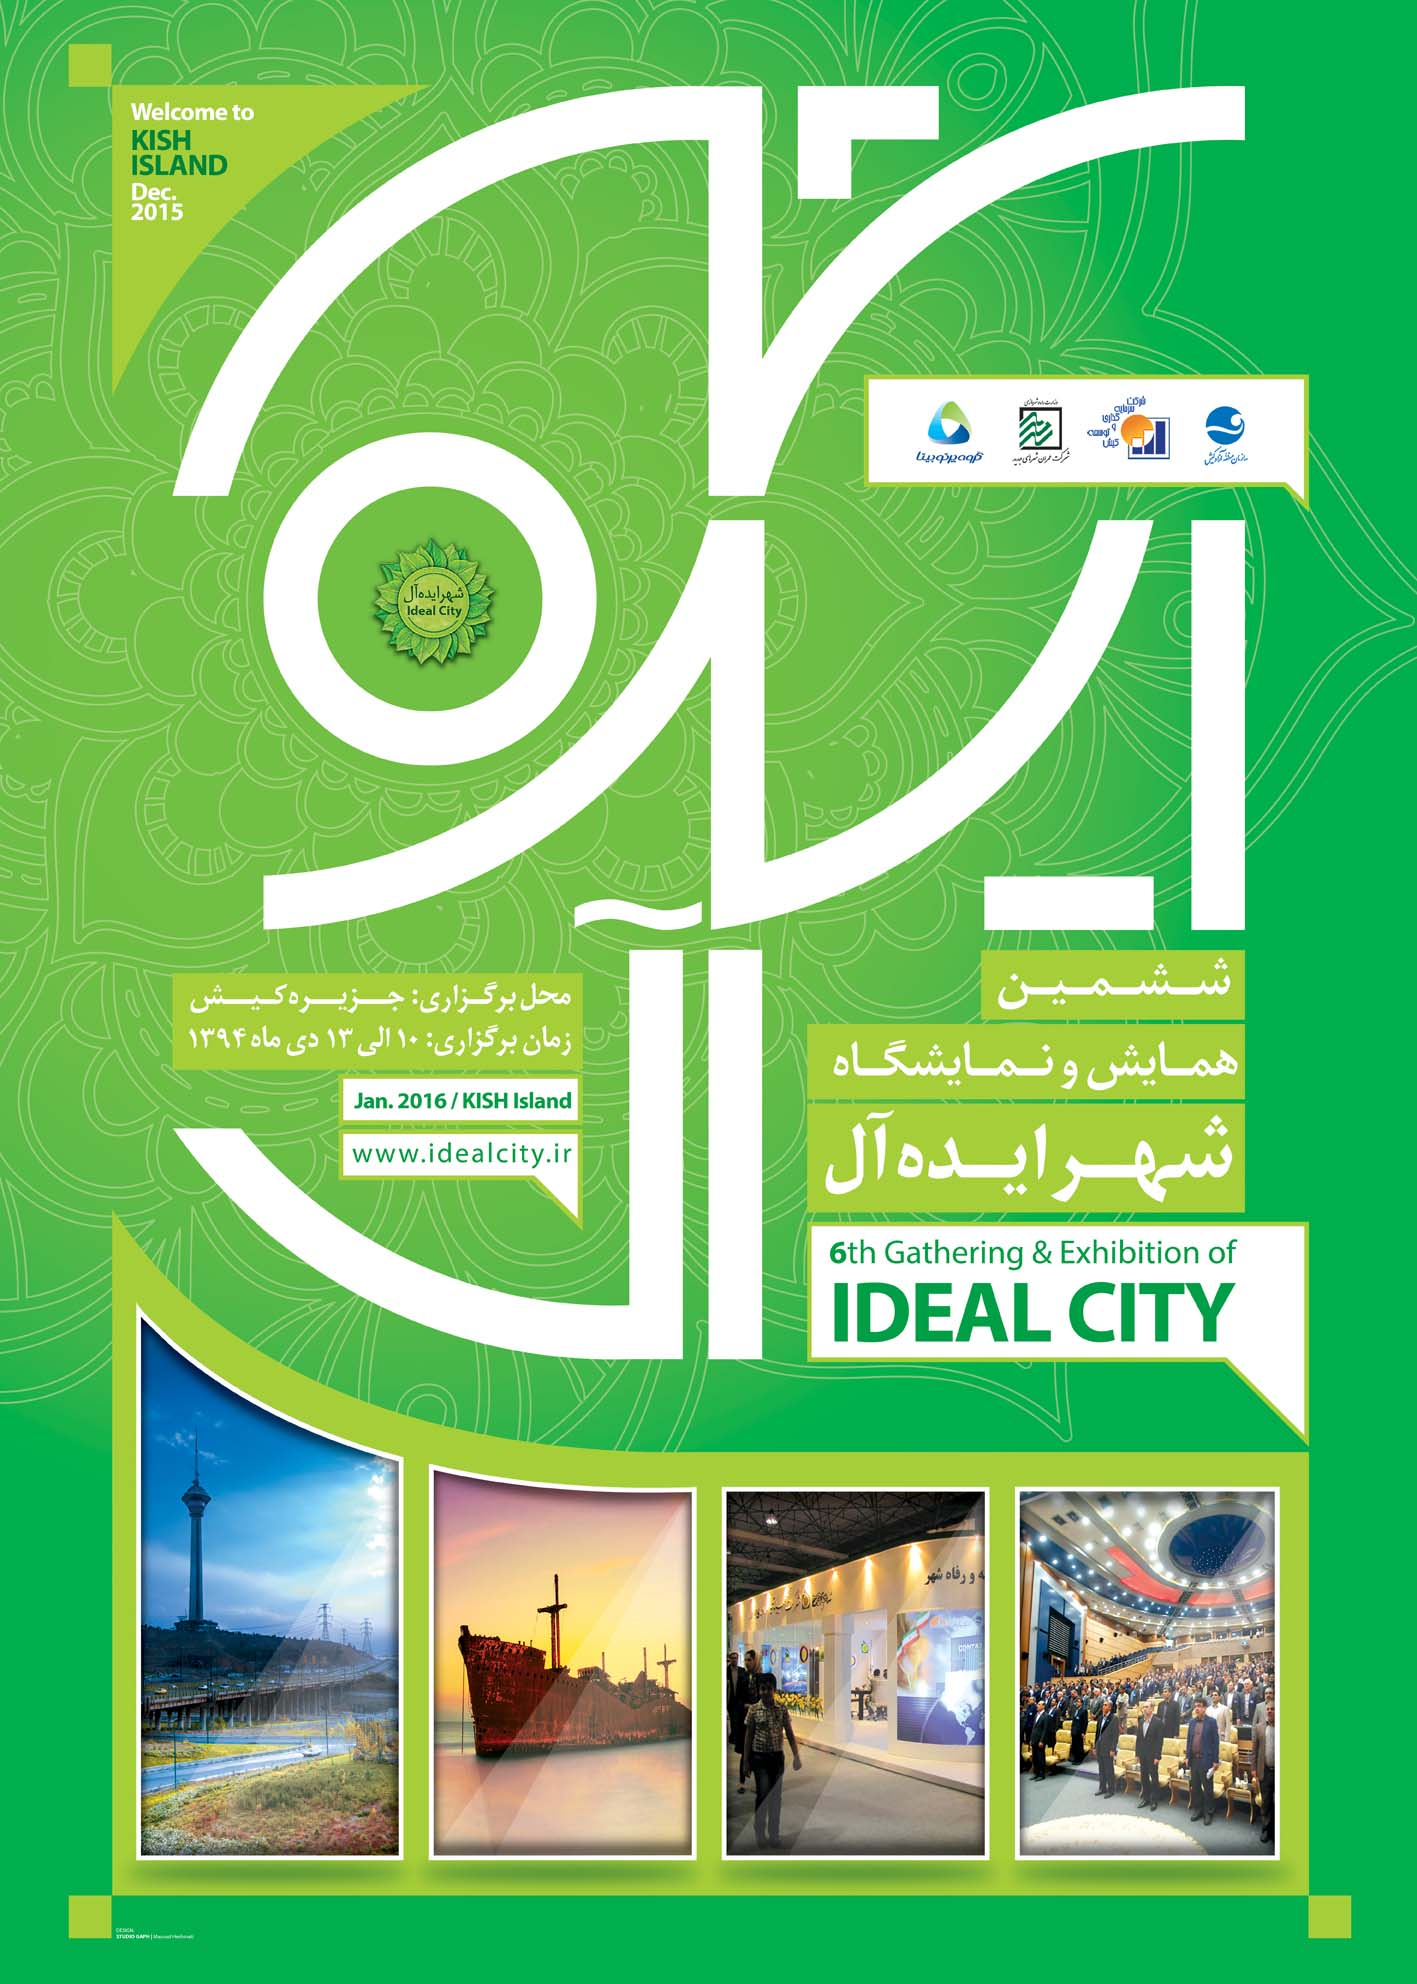 کیش میزبان نمایشگاه و همایش شهر ایده آل